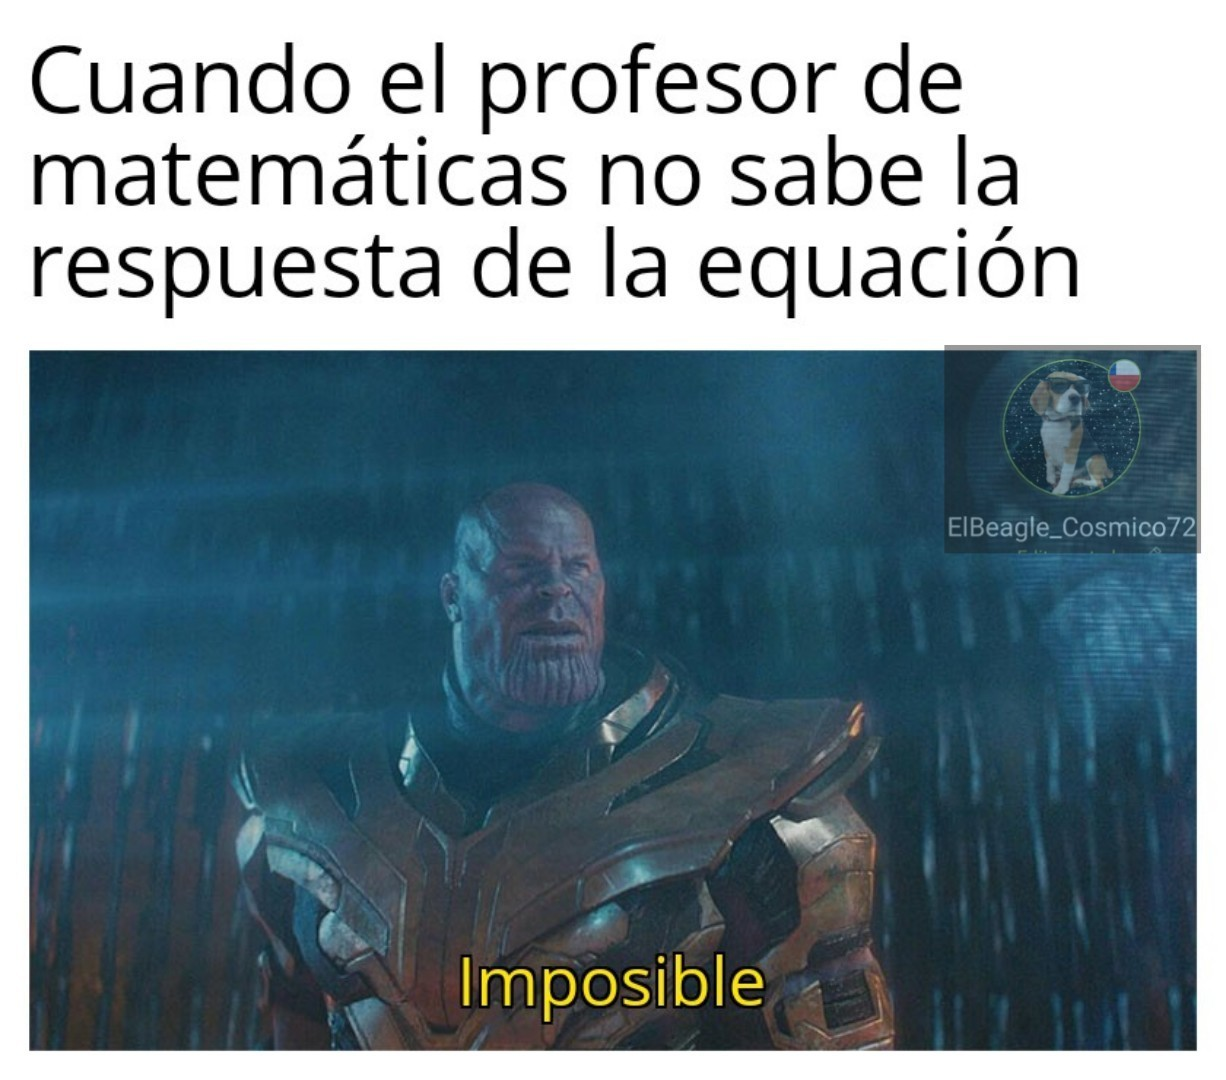 Acaso quieres que el universo explote - meme